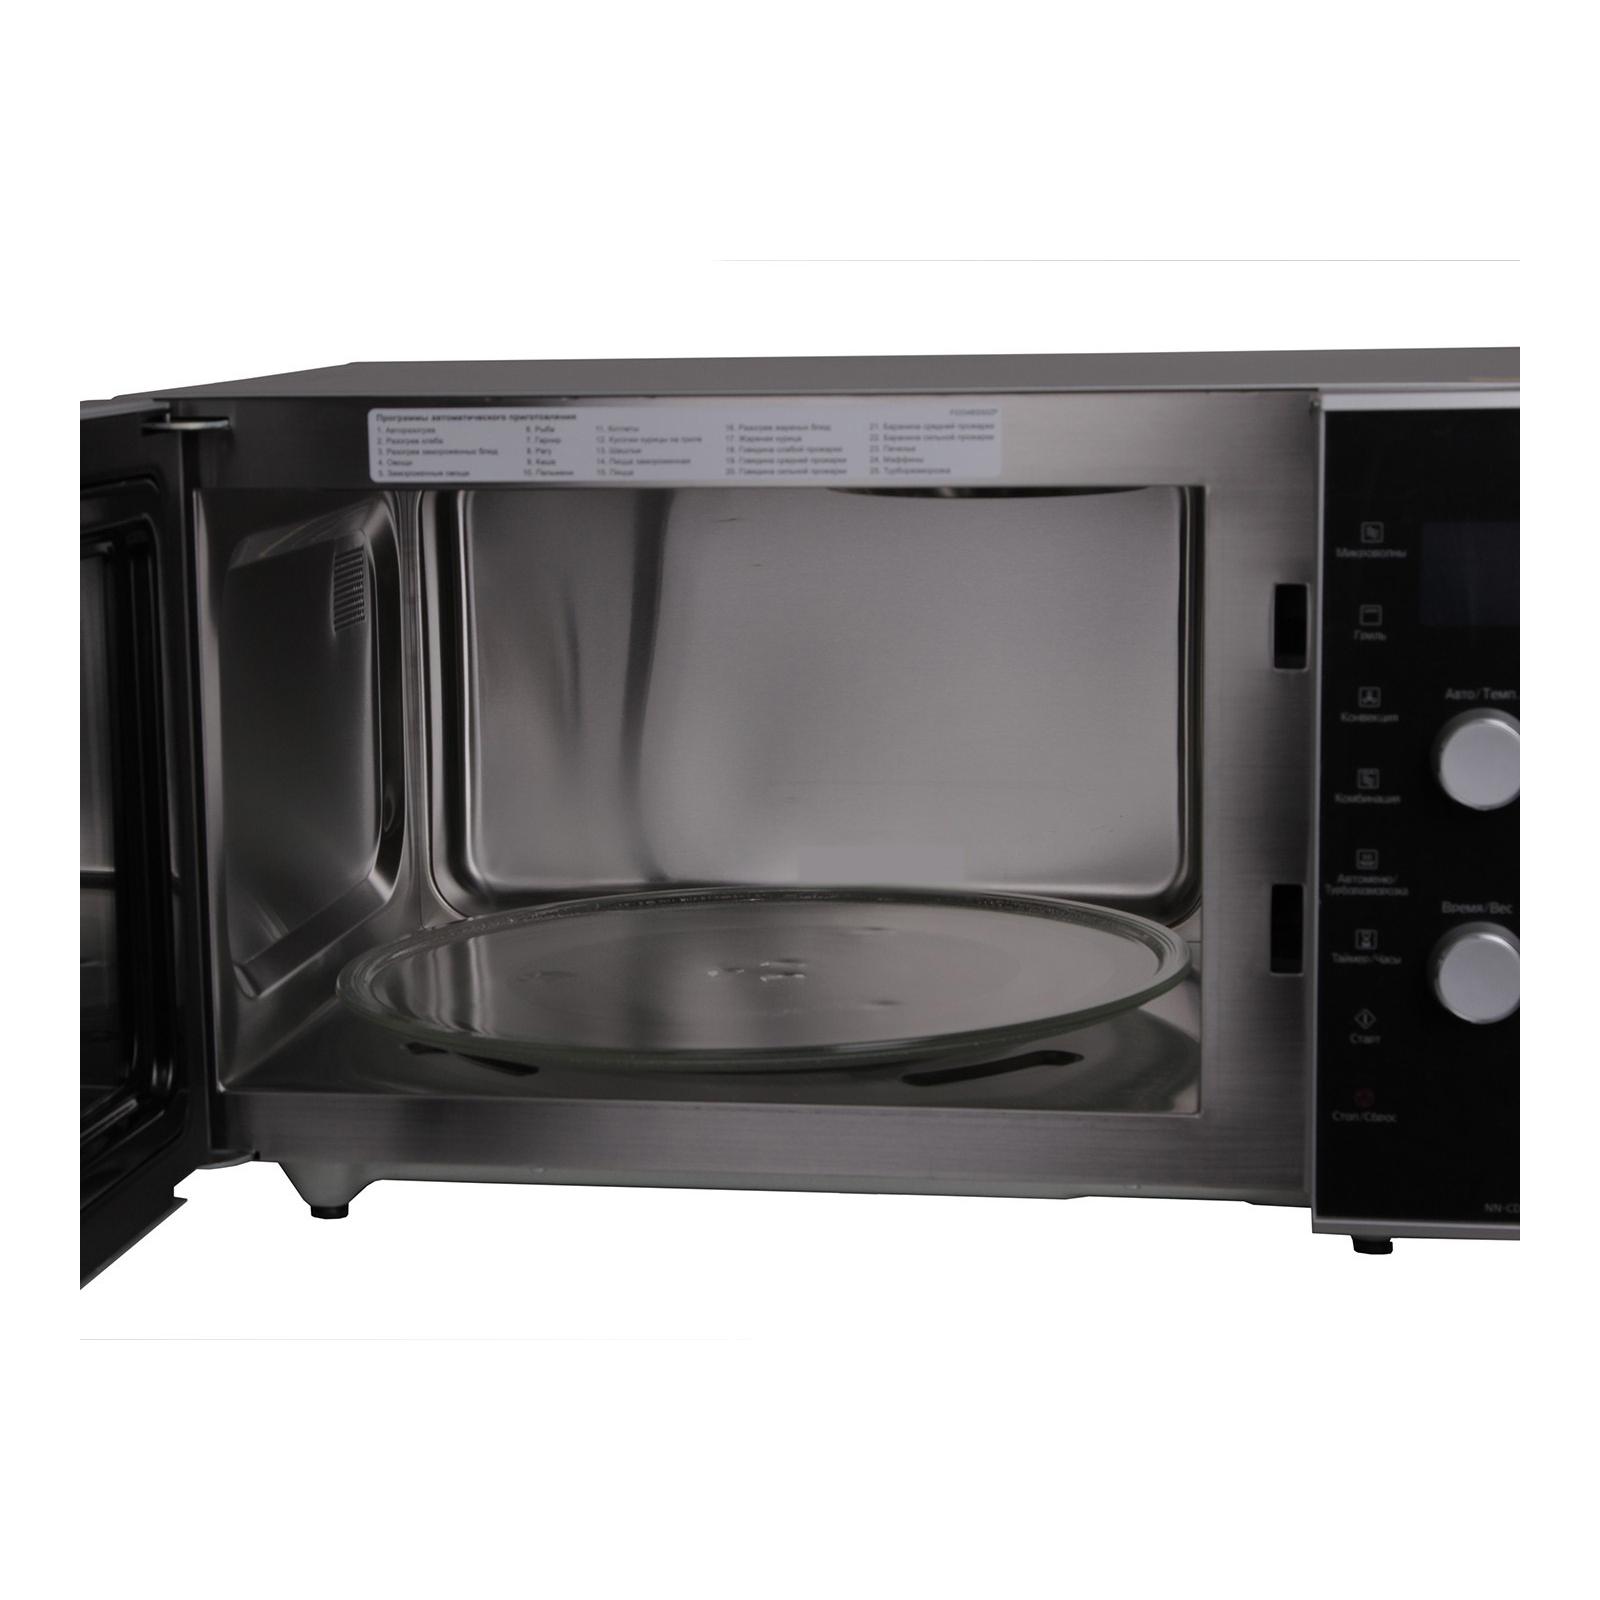 Микроволновая печь PANASONIC NN-CD565BZPE изображение 2